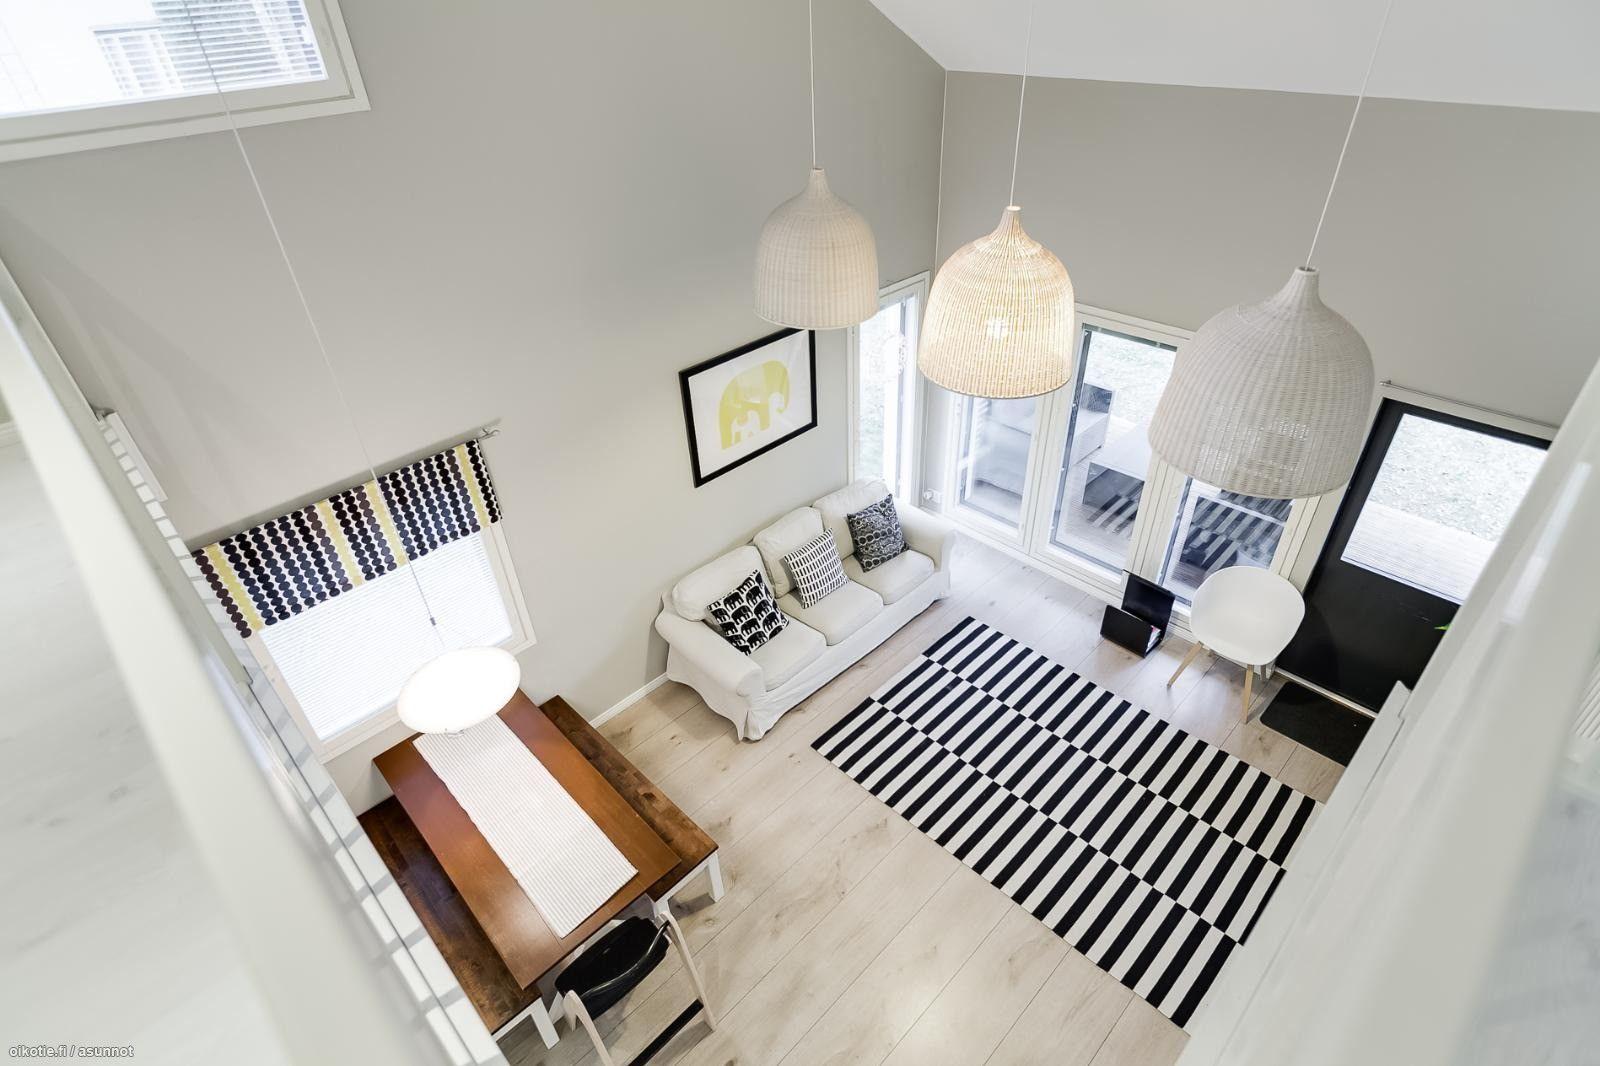 Myytävät asunnot, Herustentie 38A, Nurmijärvi #olohuone #oikotieasunnot